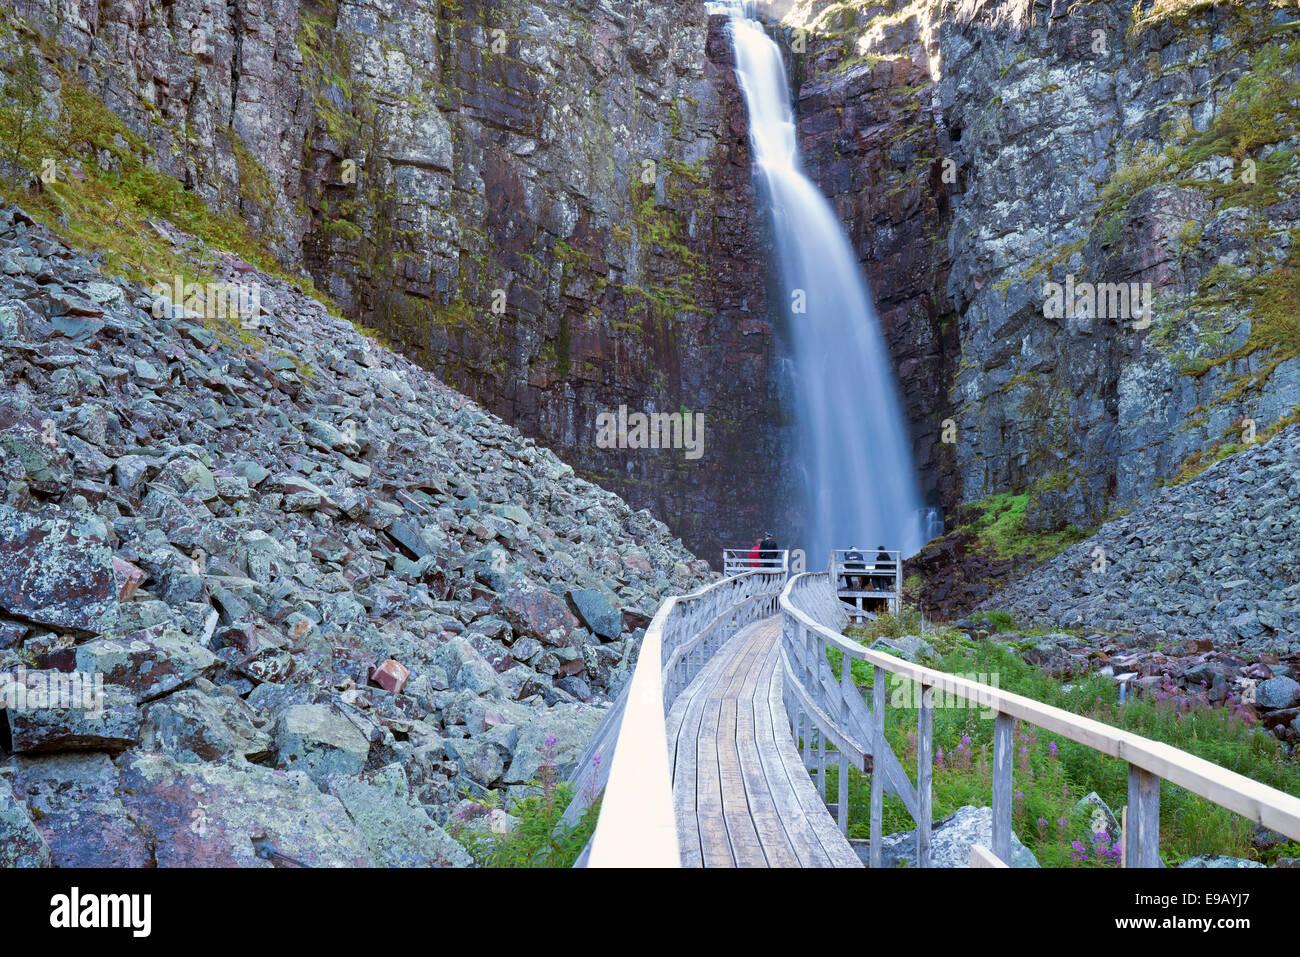 Njupeskär, the highest waterfall in Sweden, Fulufjället National Park, Dalarnas län, Dalarna County, - Stock Image